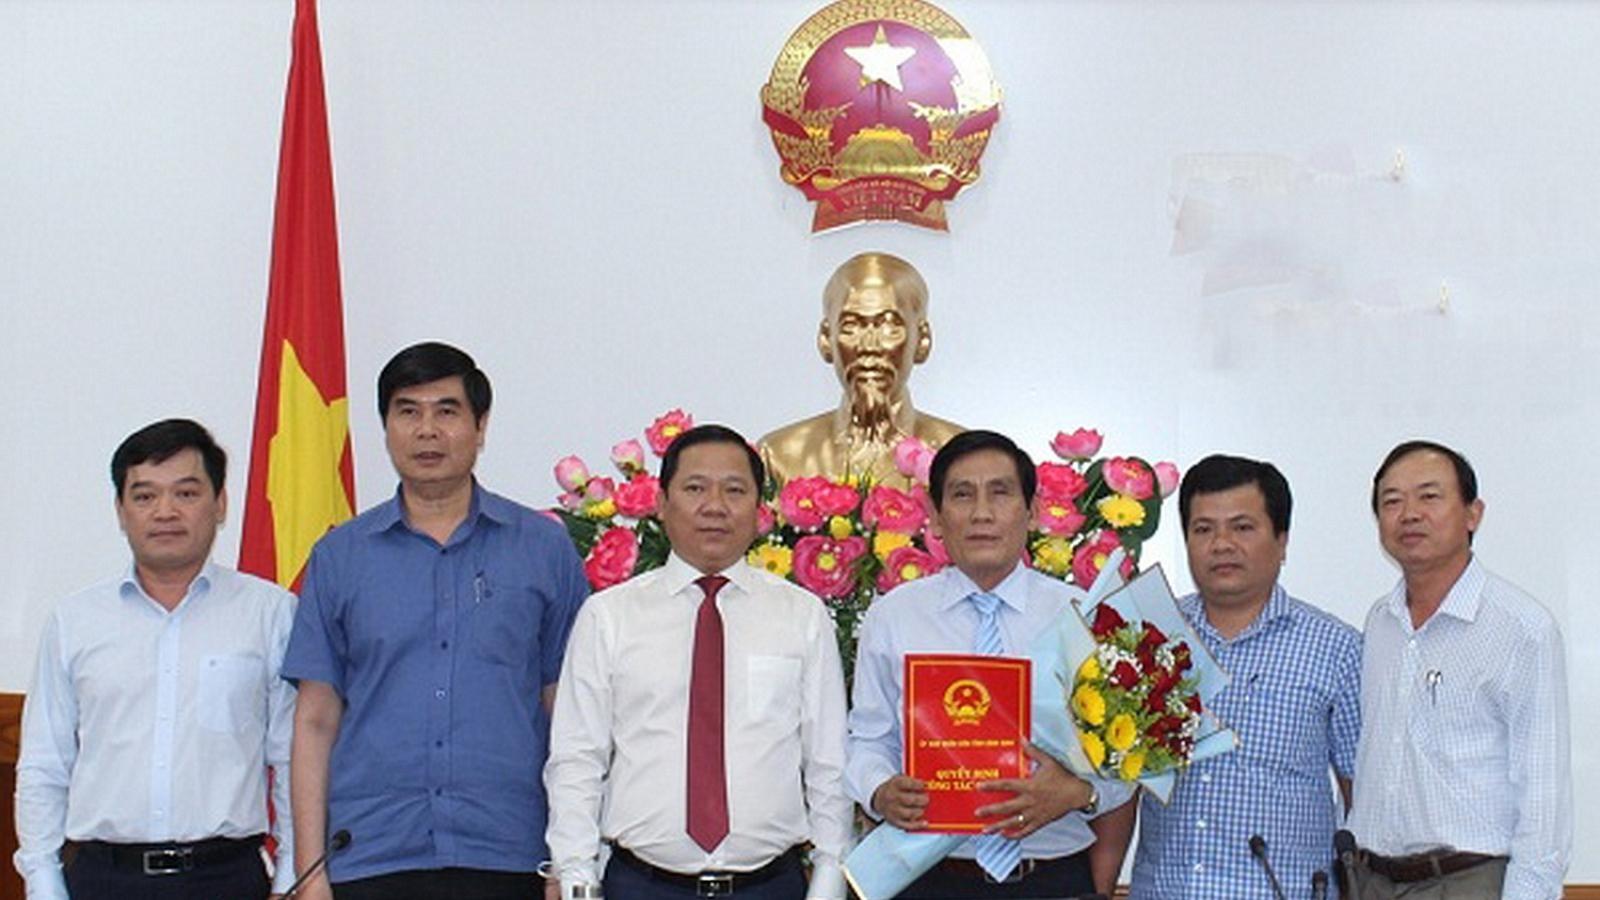 Bình Định bổ nhiệm Giám đốc Sở Giao thông Vận tải